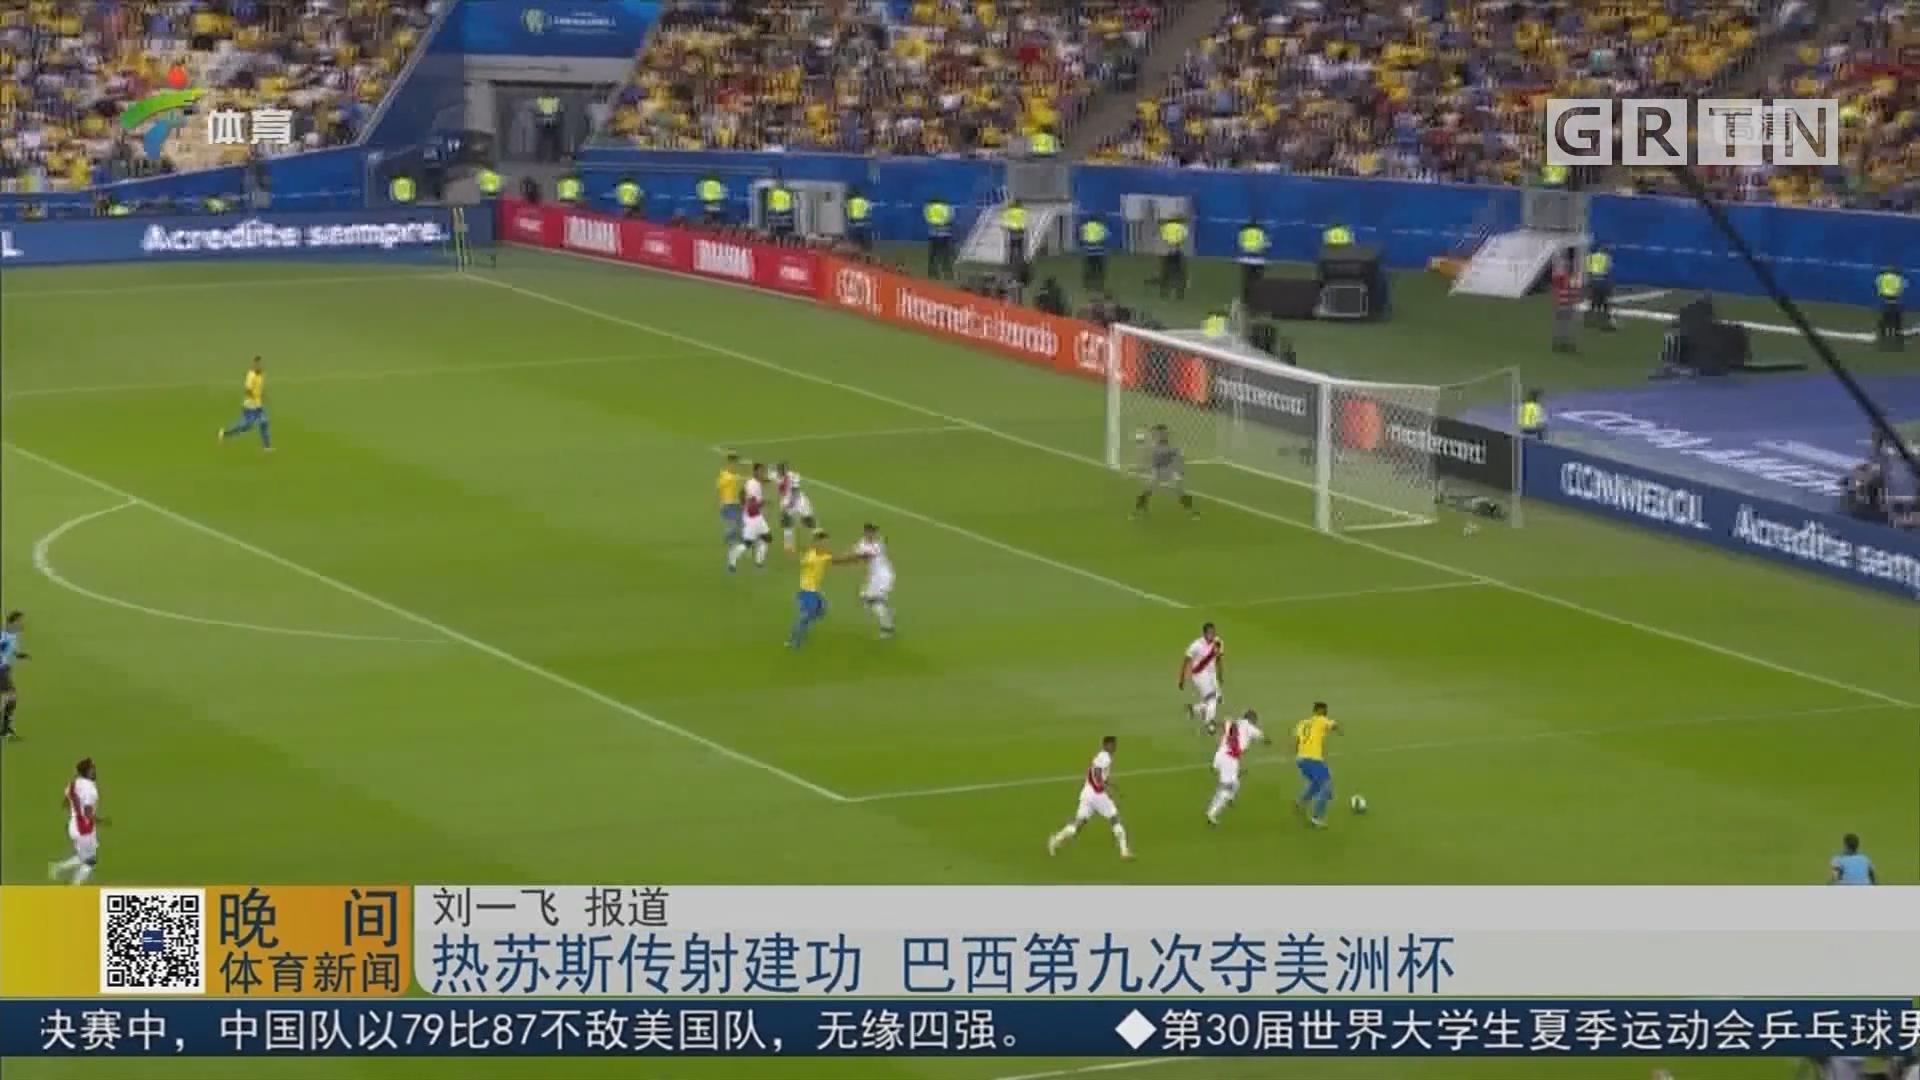 熱蘇斯傳射建功 巴西第九次奪美洲杯